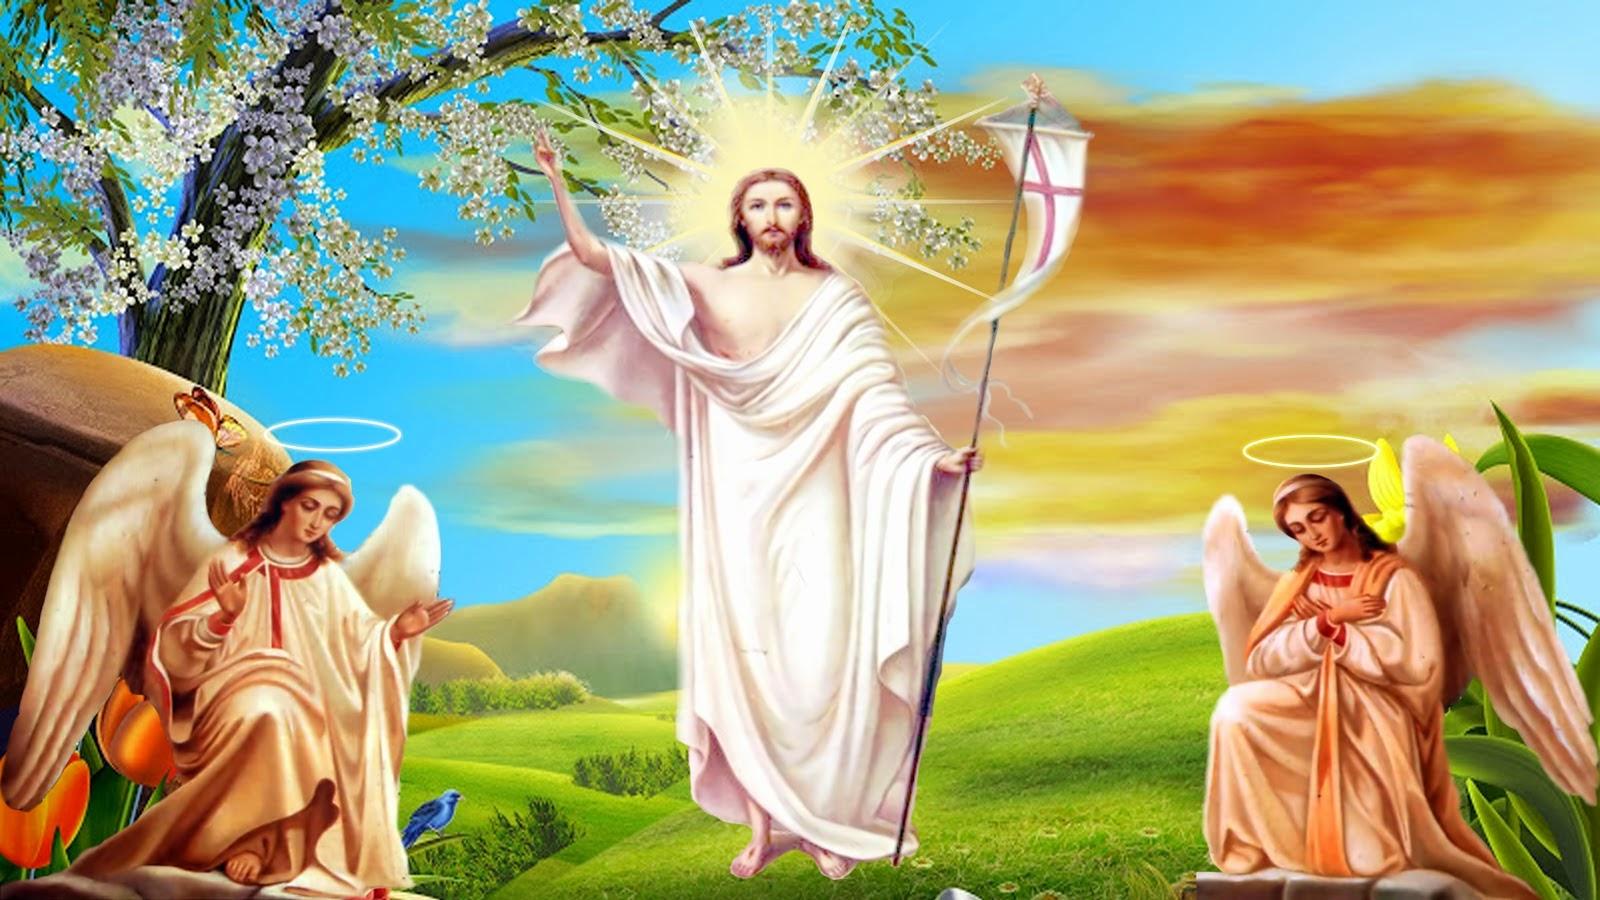 Để phục vụ cho những cộng đồng người theo Công giáo, chúng tôi gửi đến các bạn bộ ảnh này, những ai yêu mến và tin tưởng vào Đức Chúa Giêsu cũng ...